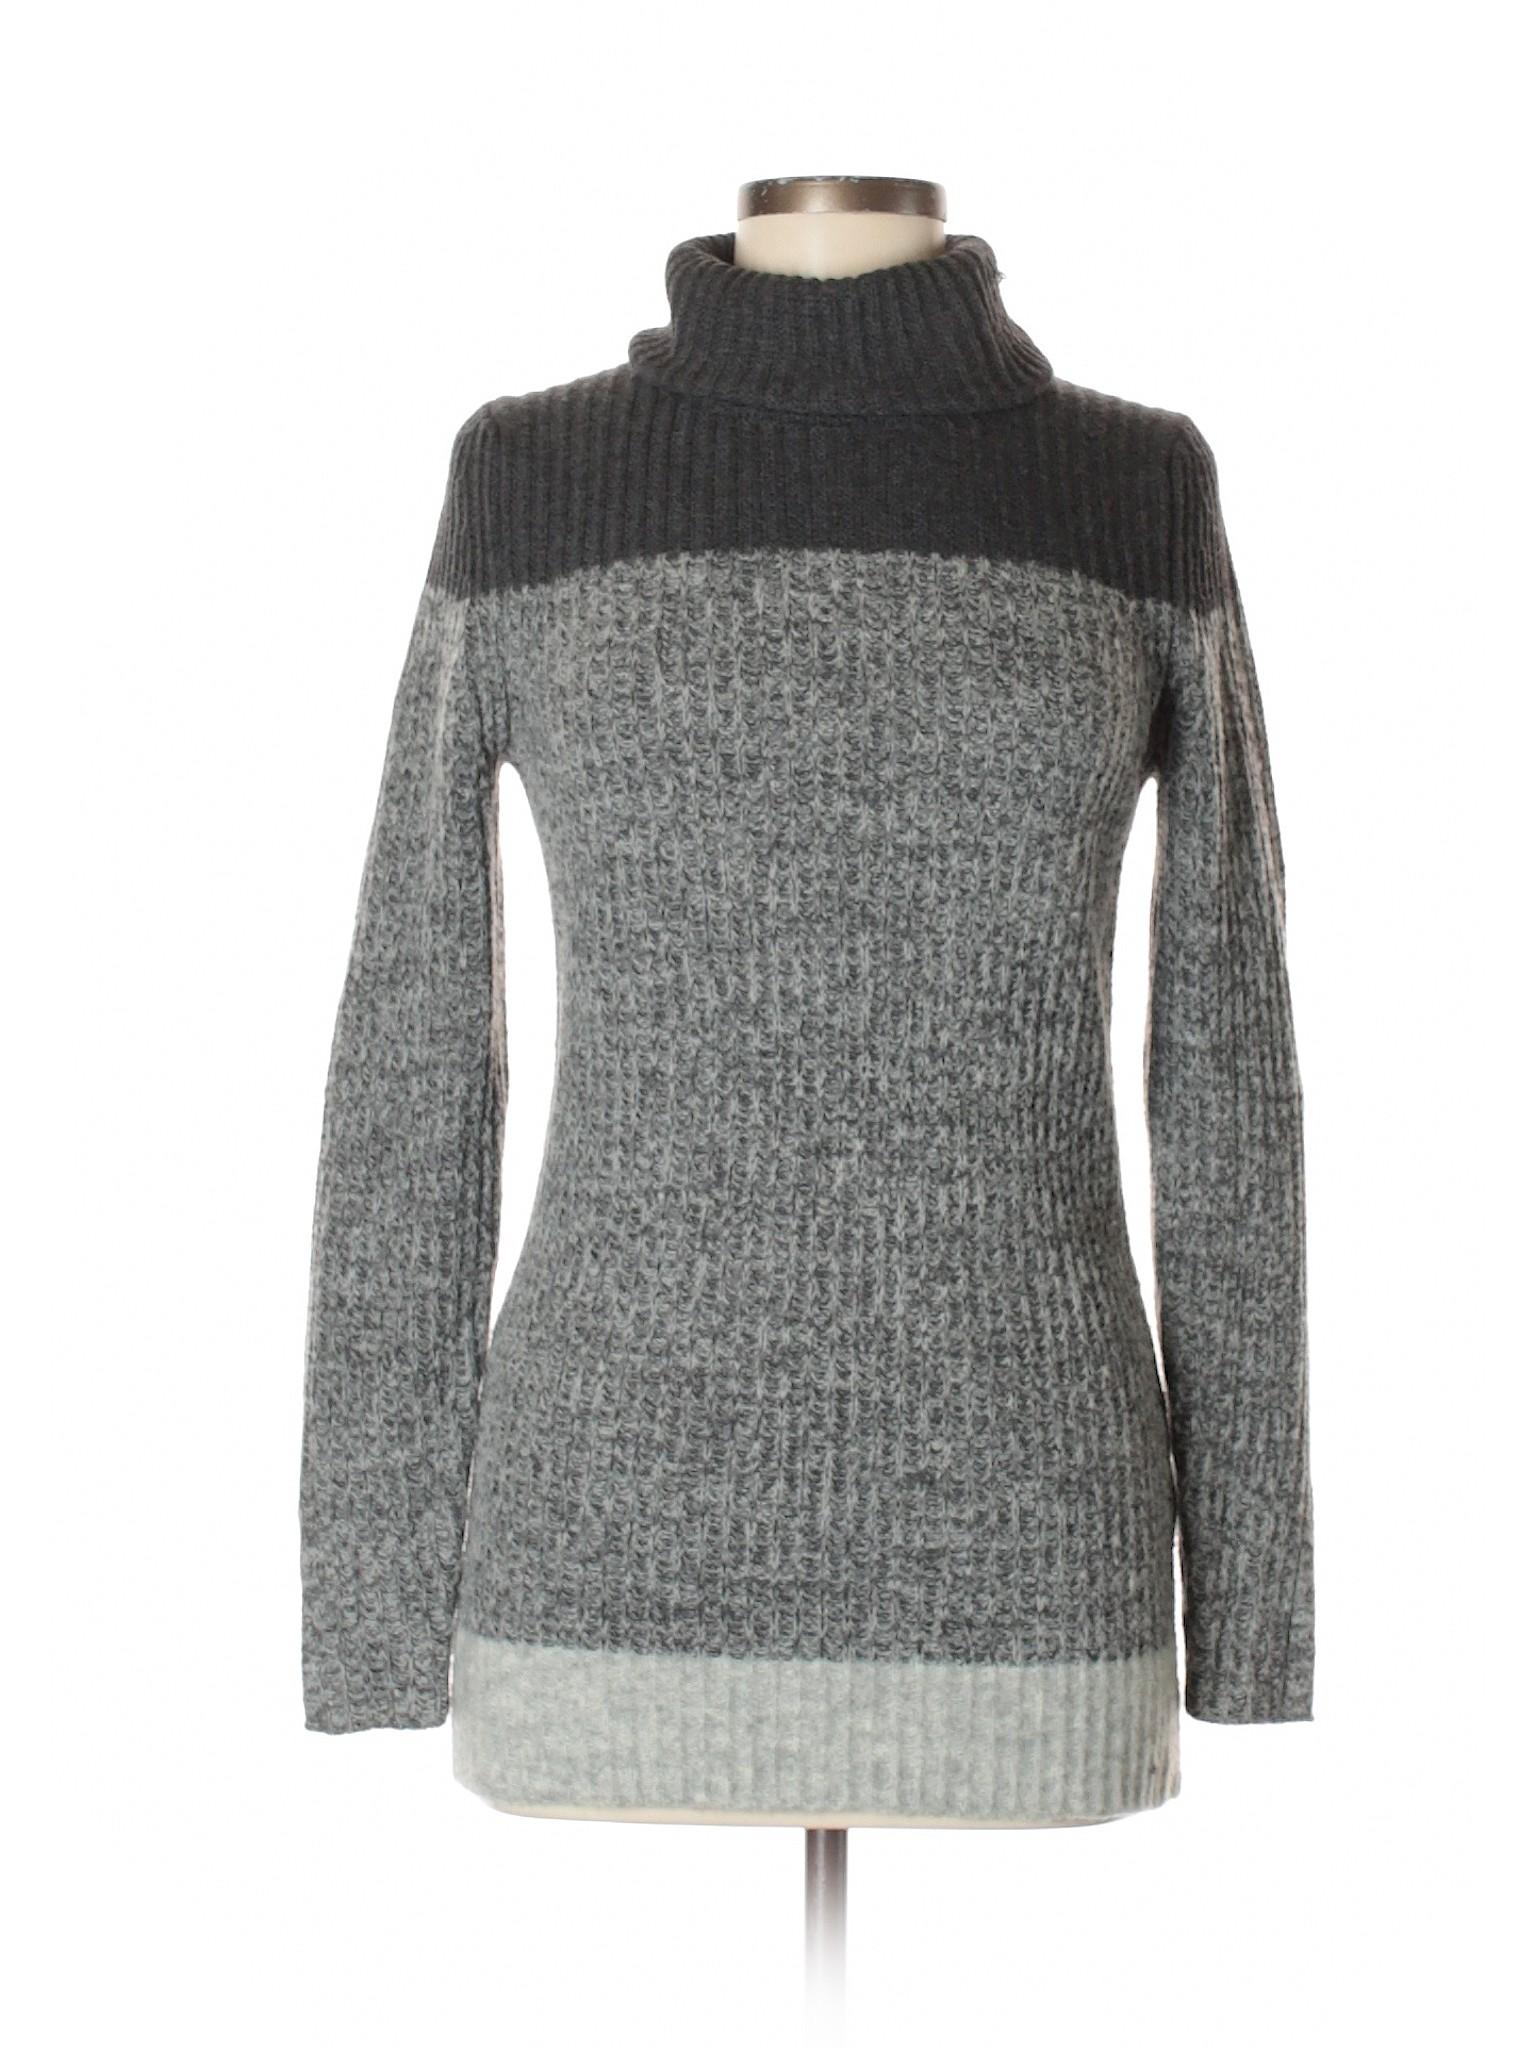 Sweater Banana Republic Boutique Pullover winter vTqFBwA